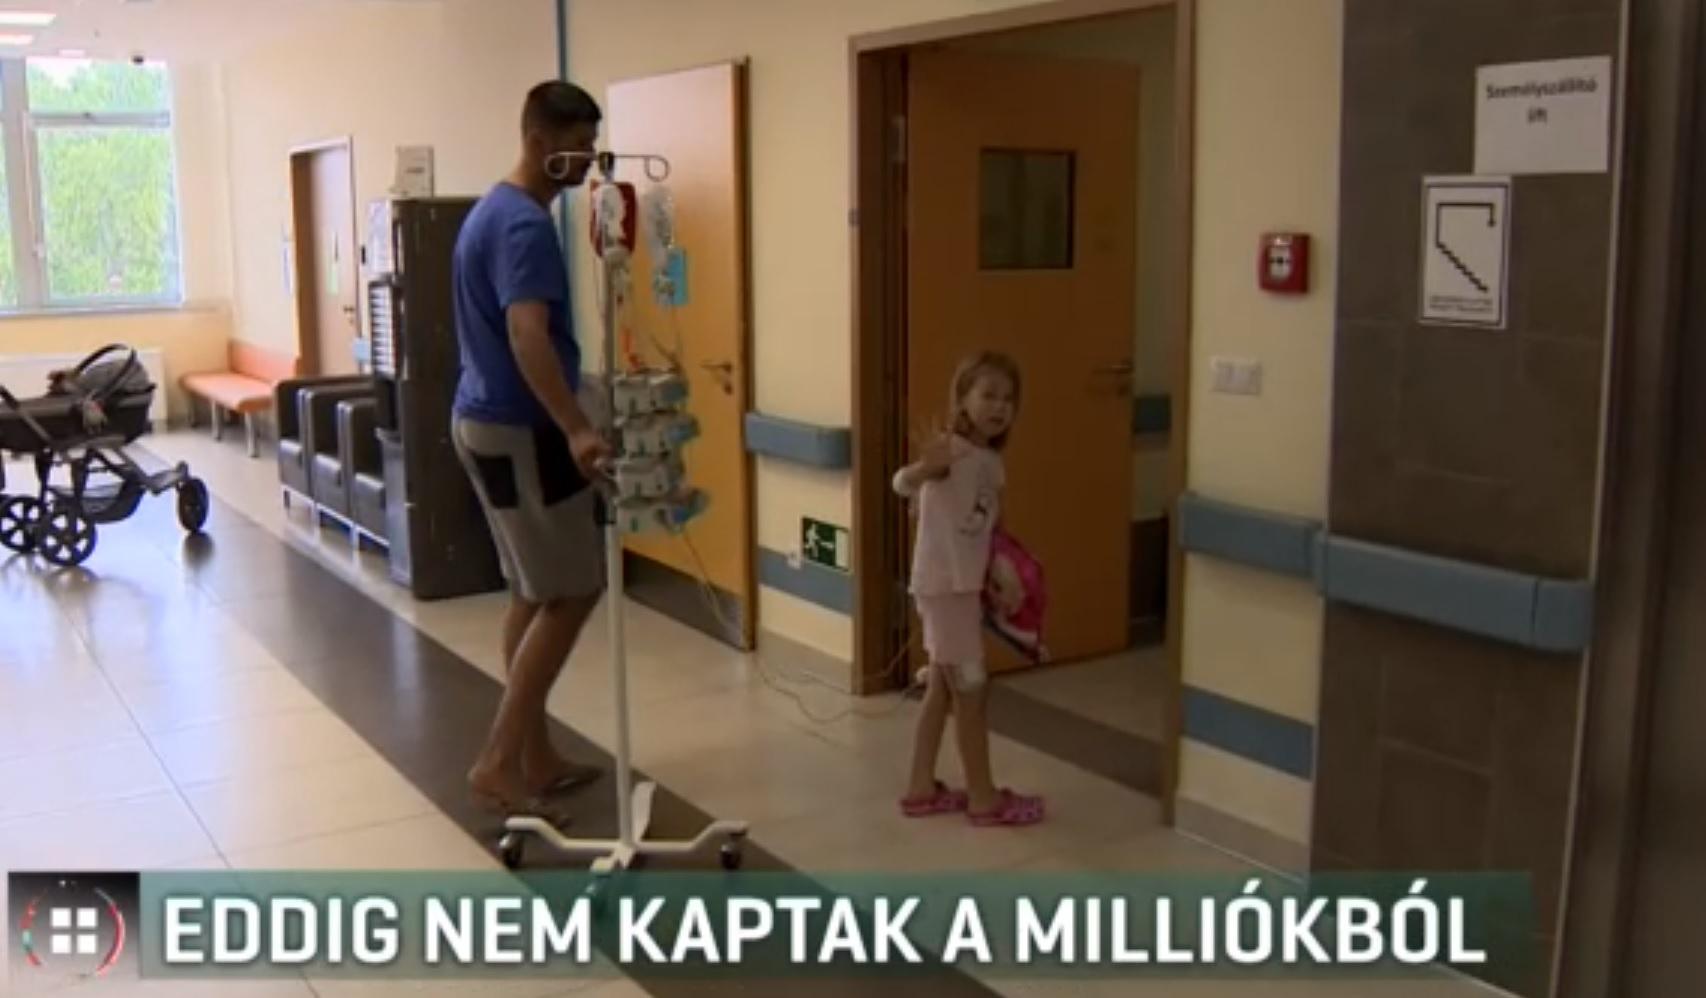 Milliókat gyűjtöttek a beteg kislánynak, az alapítvány mégsem utalja át a családnak a pénzt